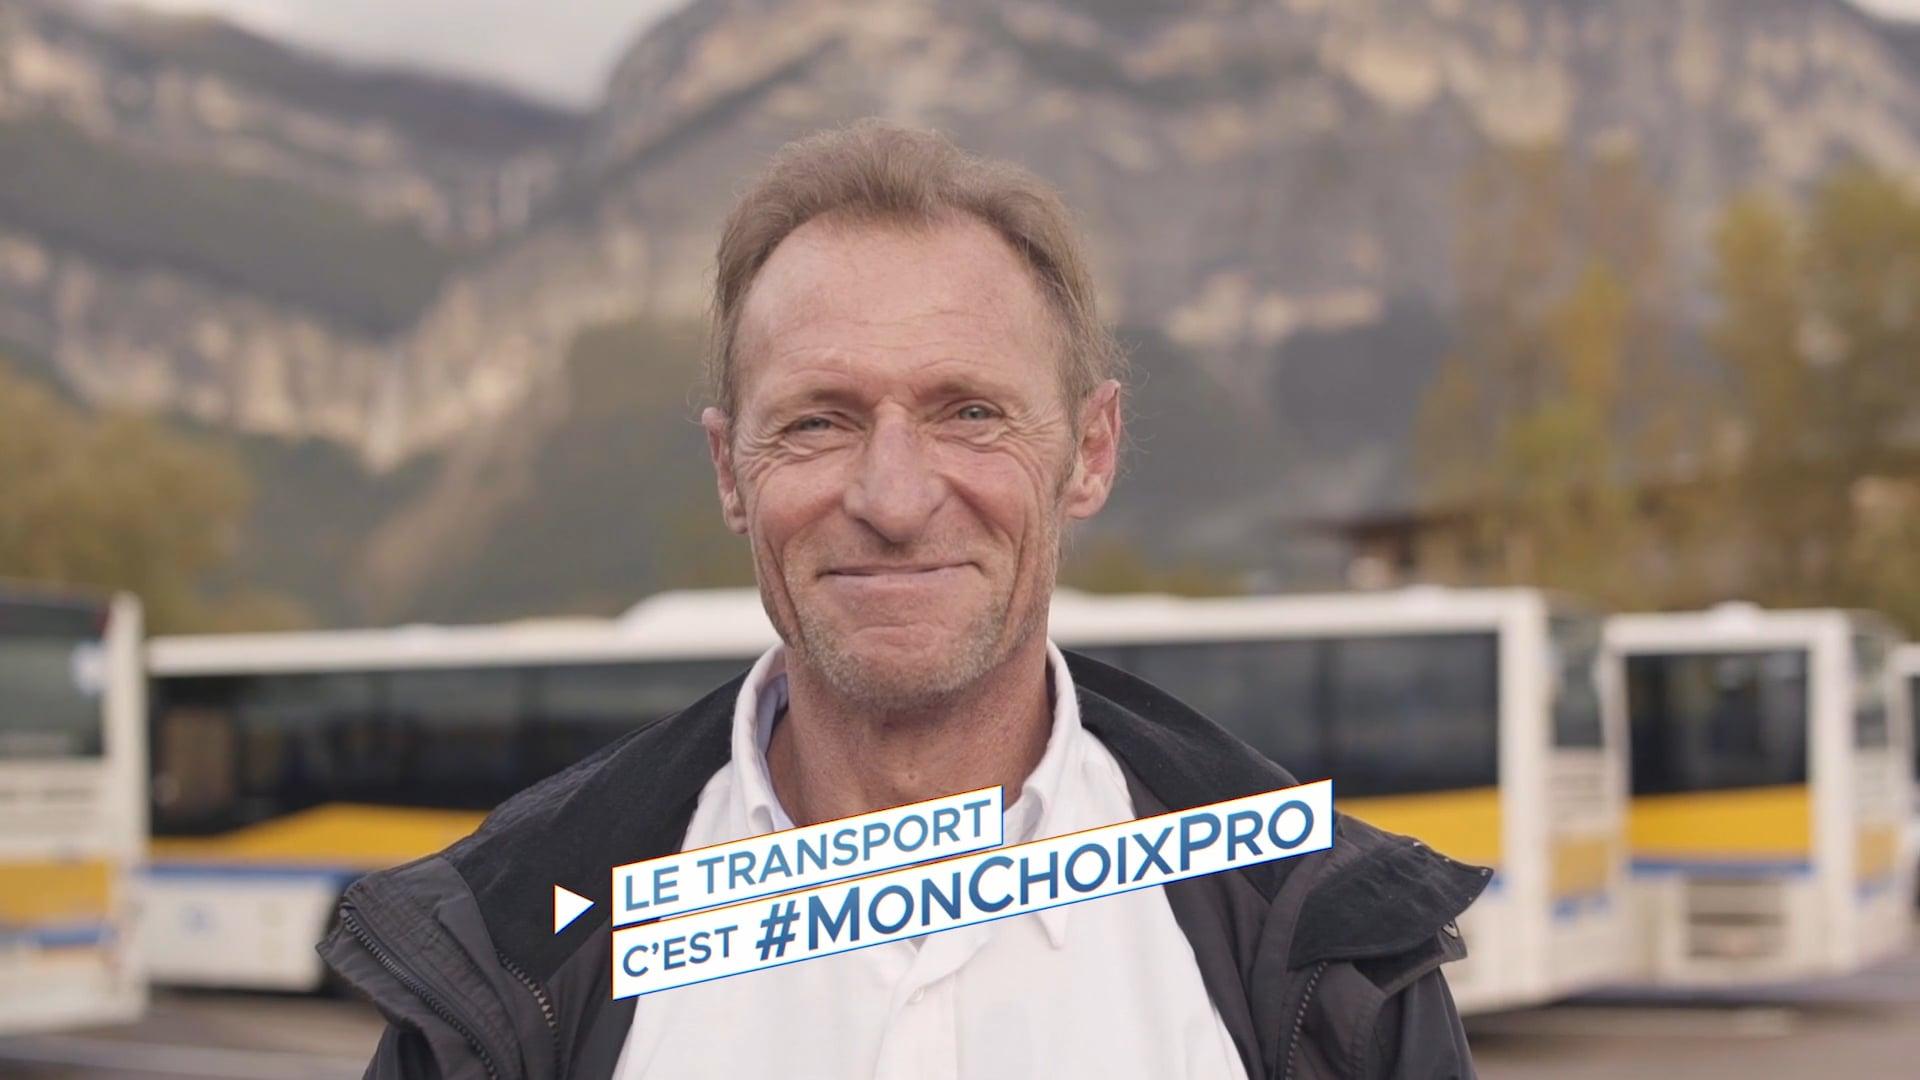 #MONCHOIXPRO | Conducteur de bus